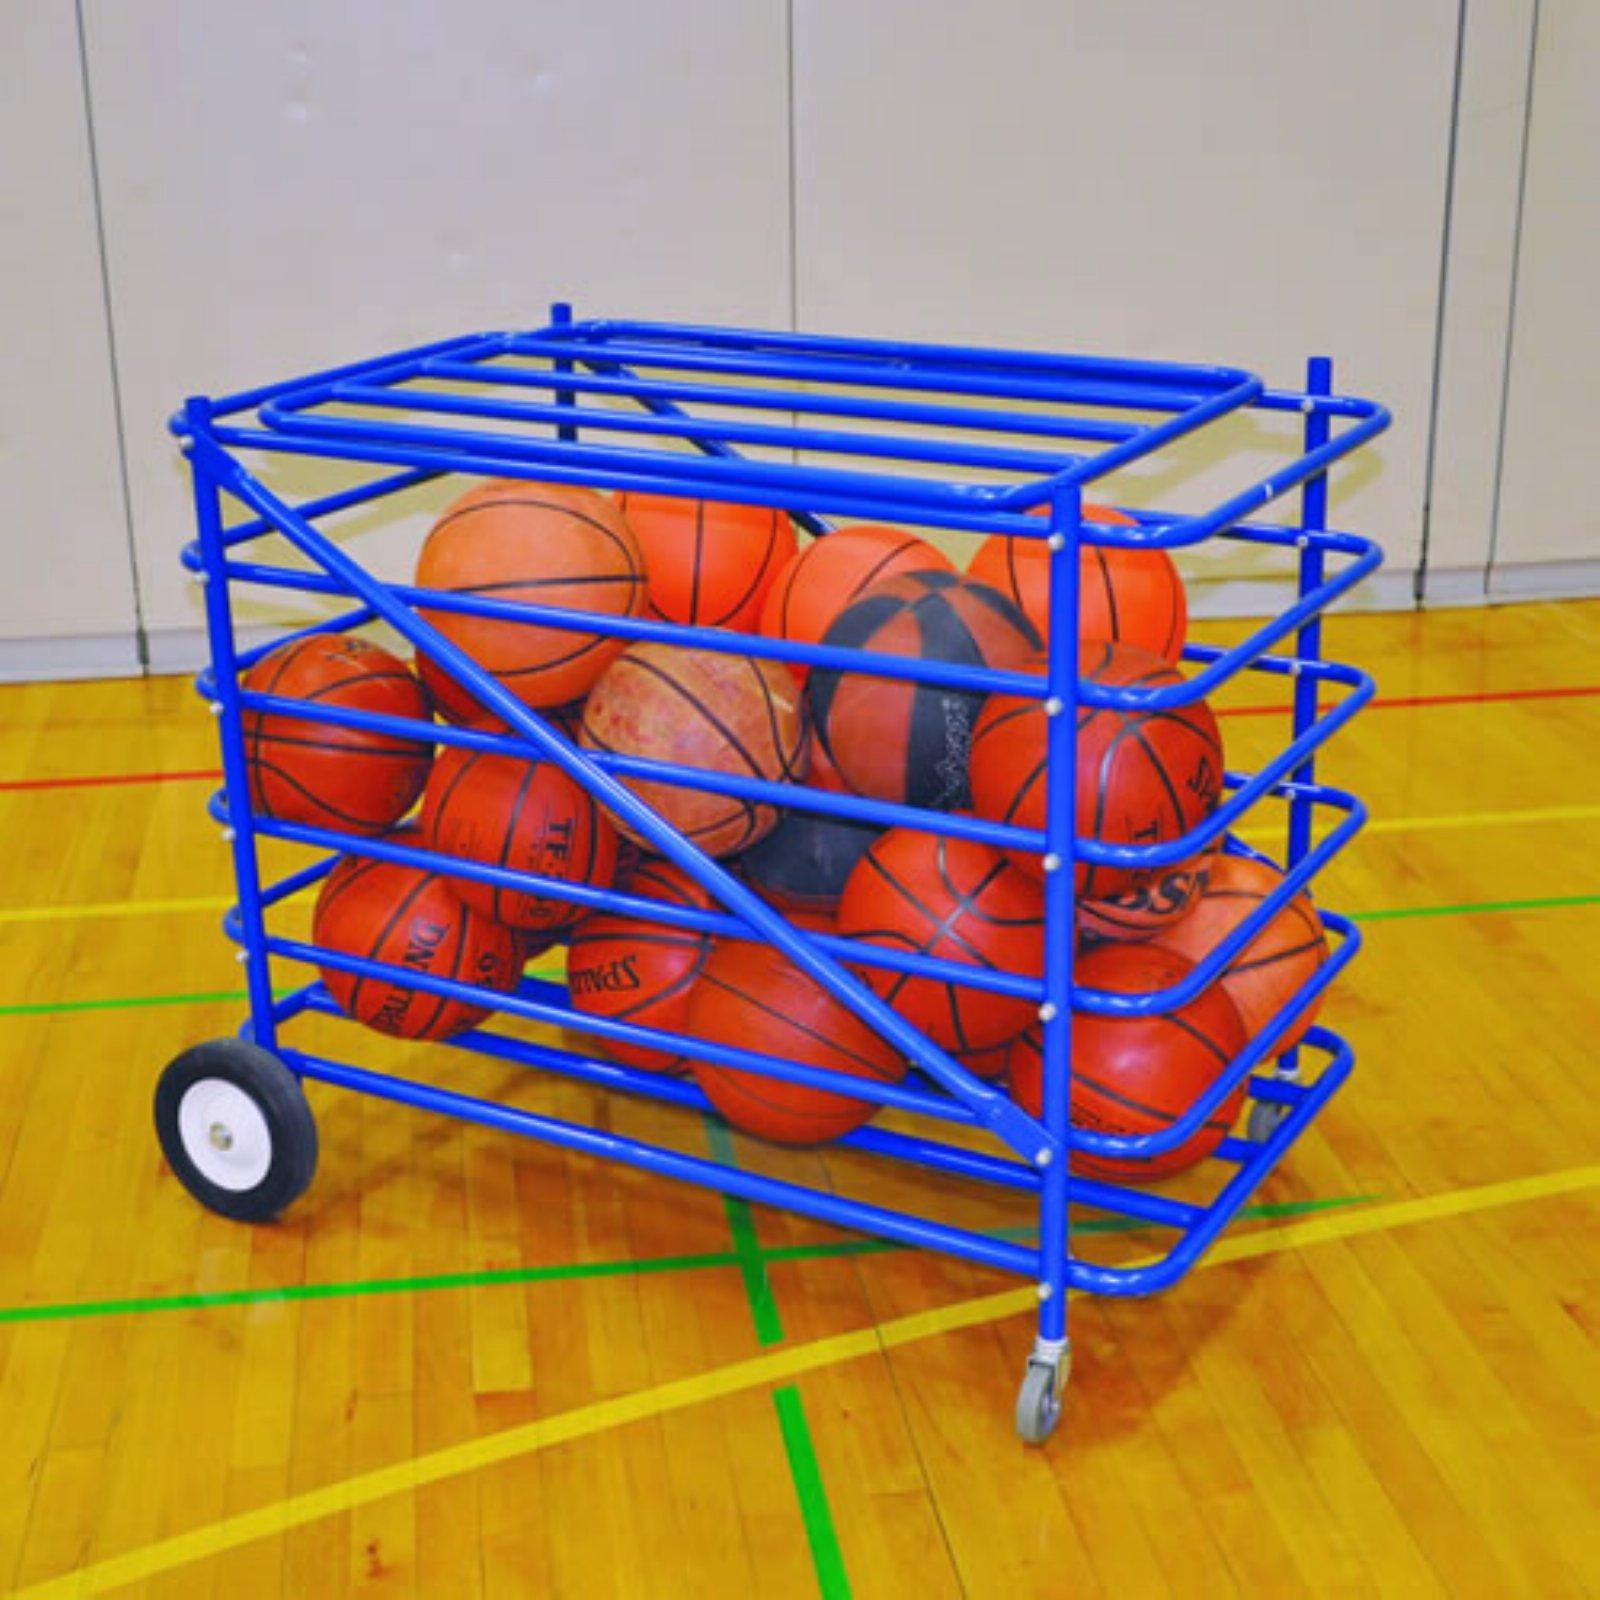 Jaypro Totemaster Ultimate Ball Locker/Hamper by Jaypro (Image #2)